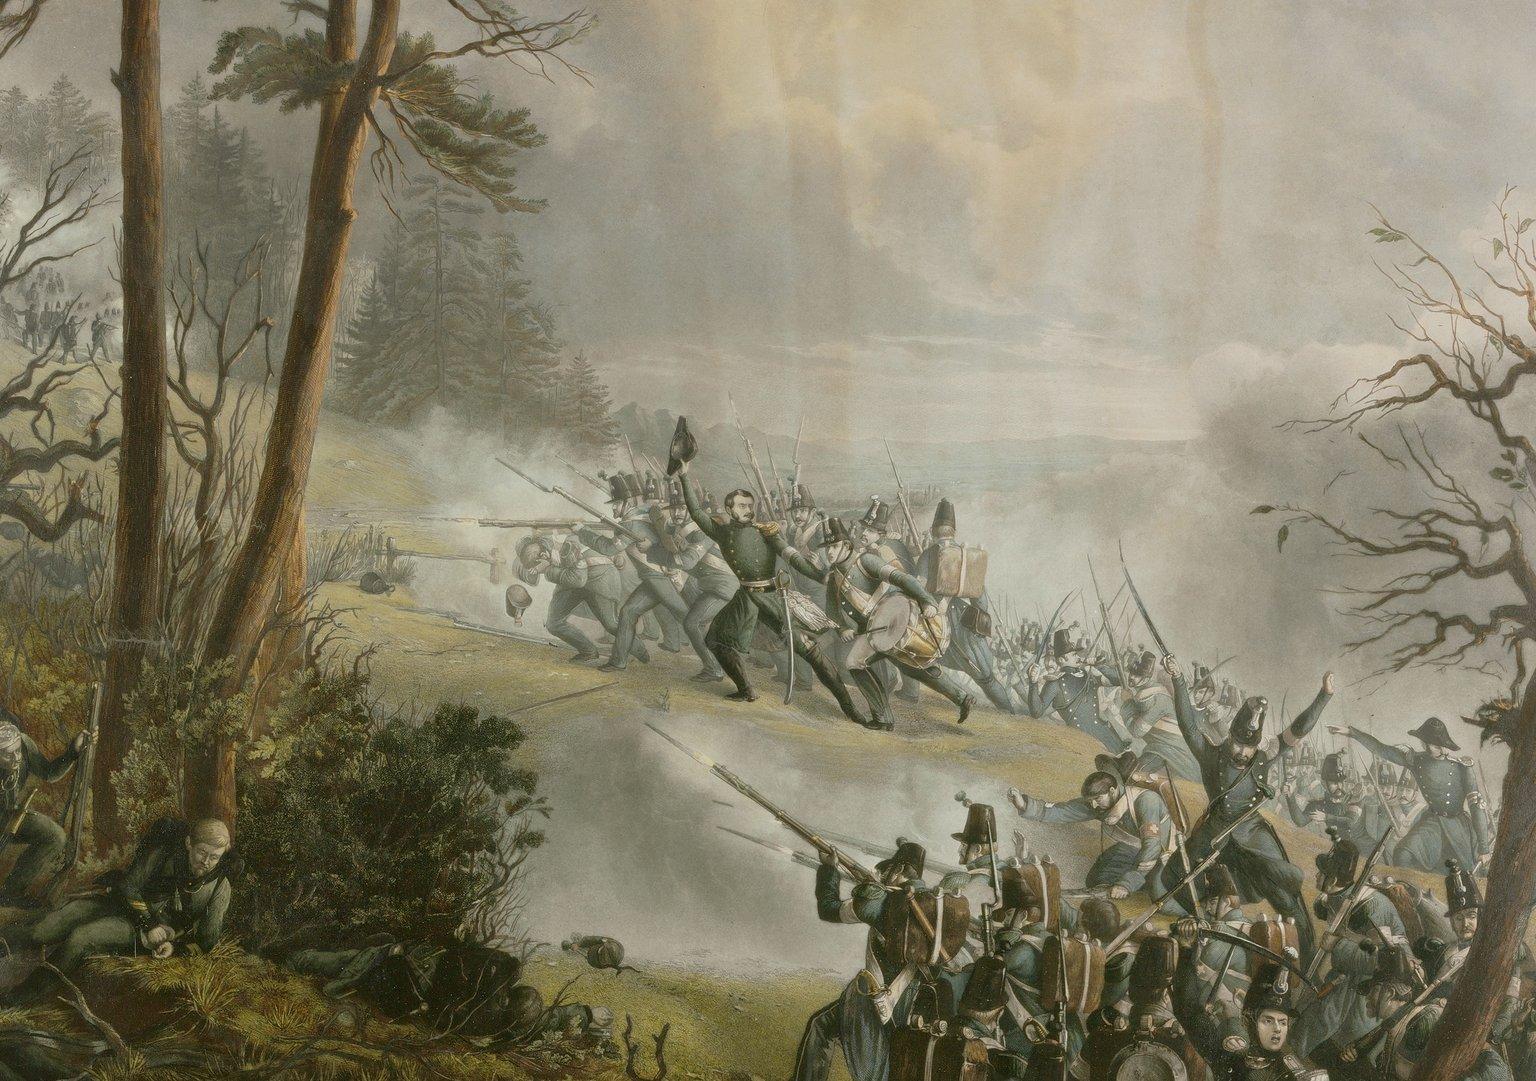 blog318-012_die_bataillone_9_und_11_von_zurich_ersturmen_den_rooter-berg_bei_gisikon_1847.jpg